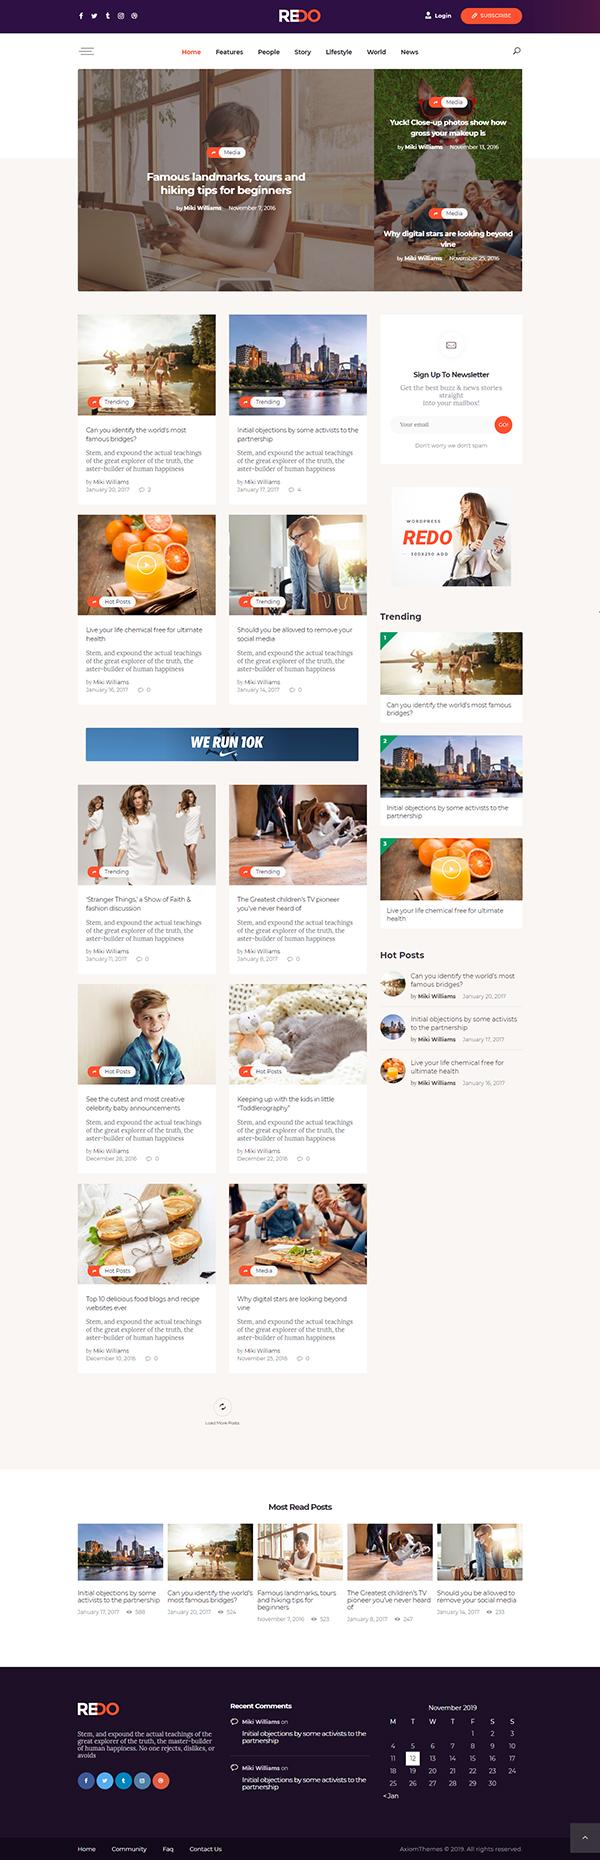 Redo - Personal Blog & Magazine